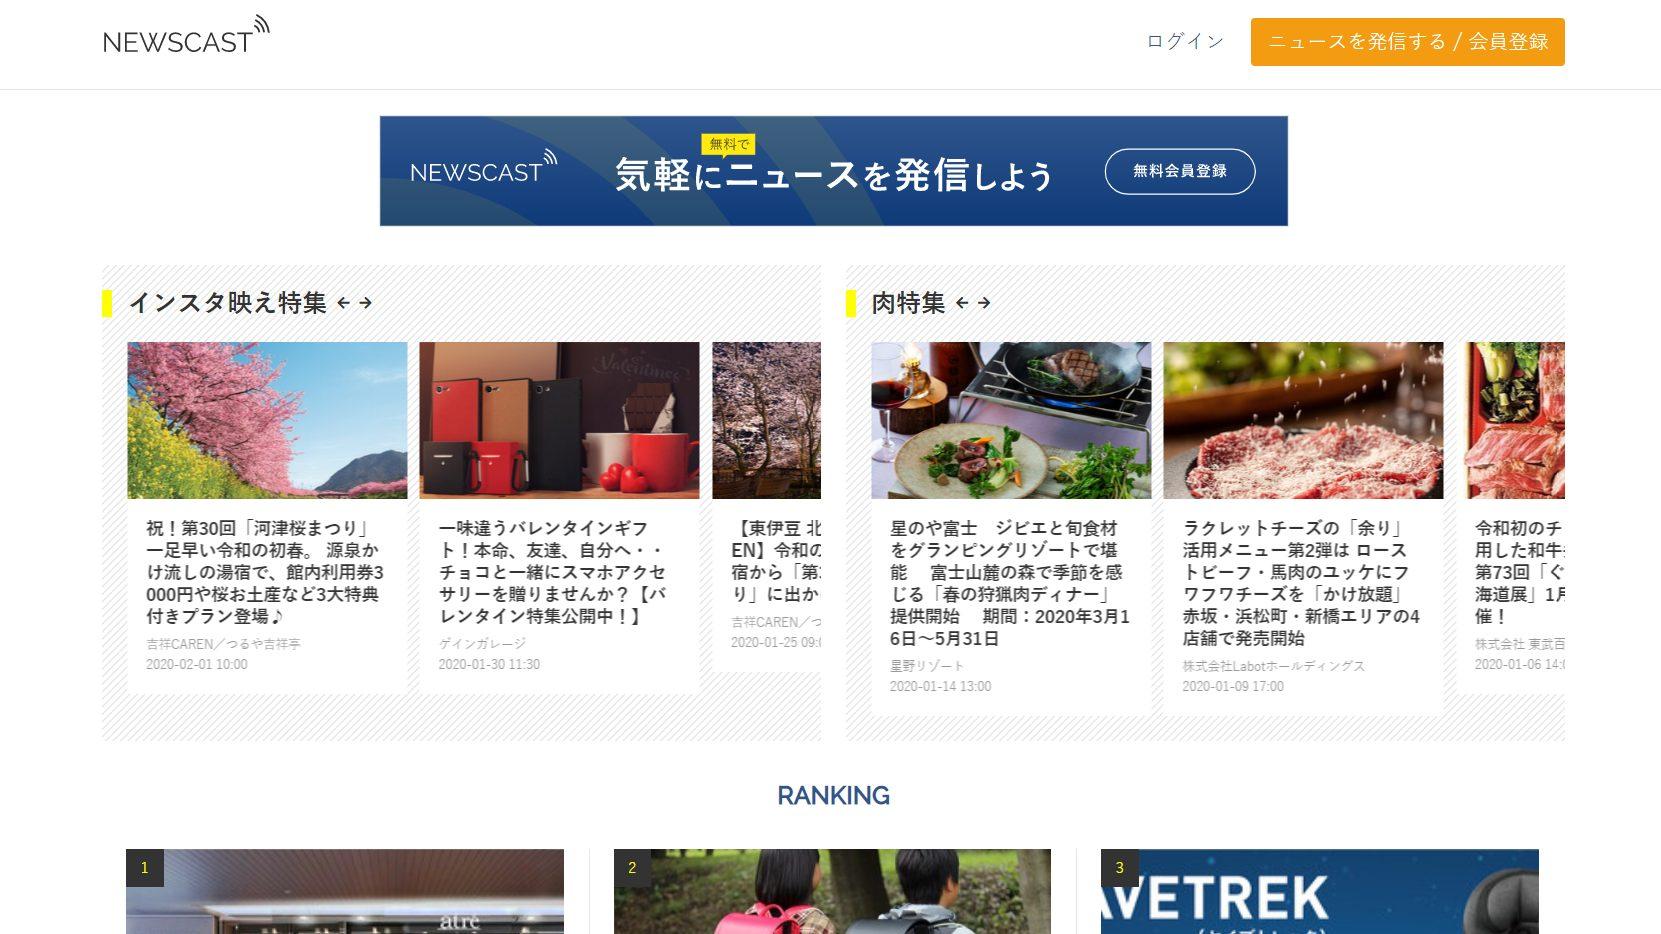 newscast-top